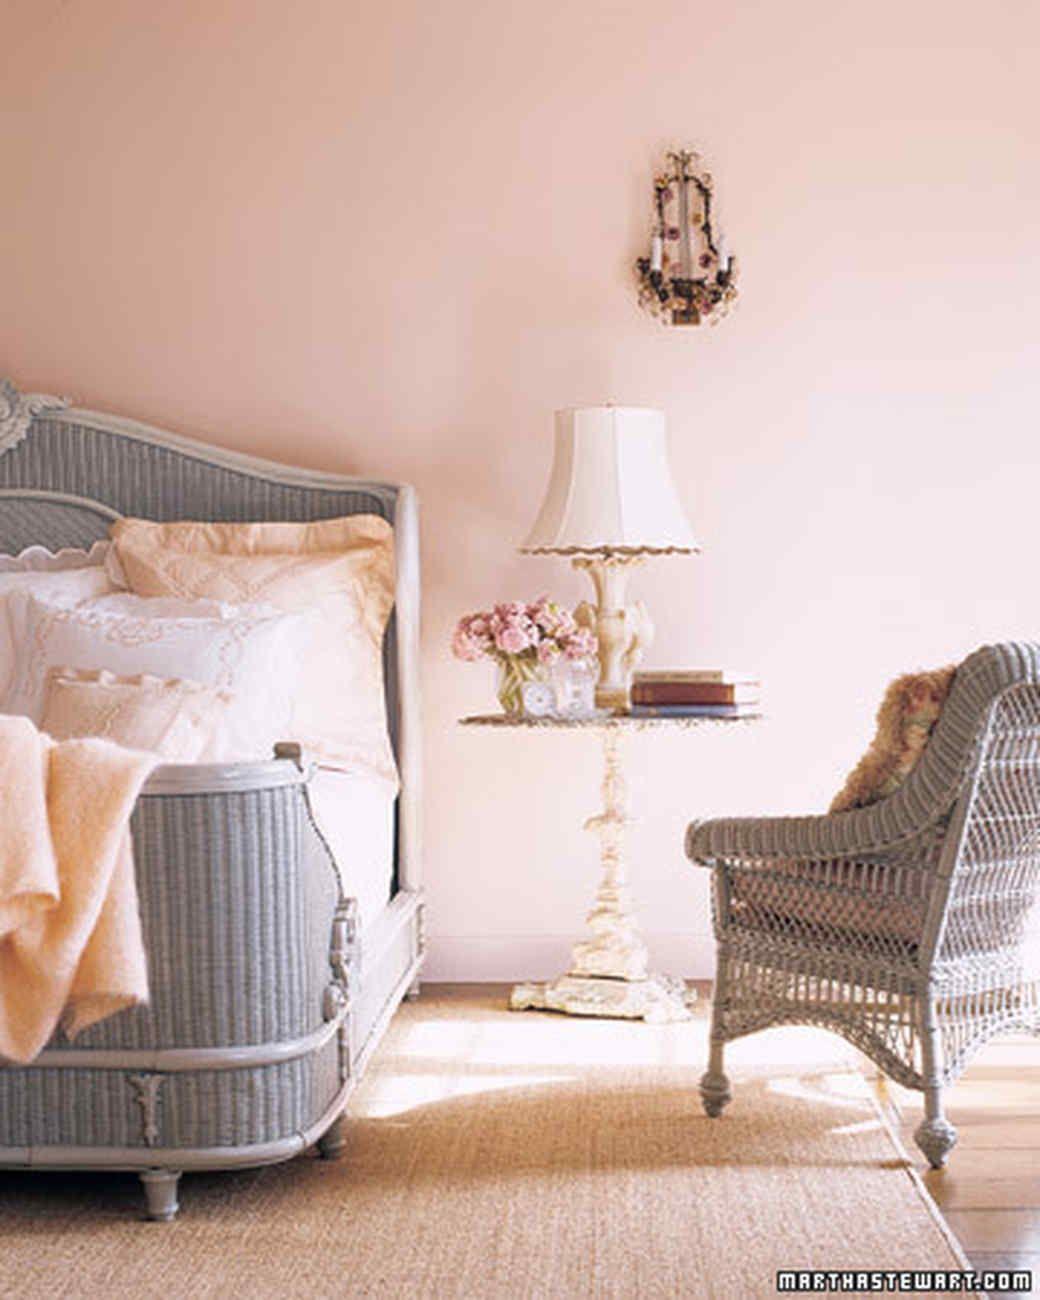 Busy Family Home Design - Caitlin Moran Interior Design